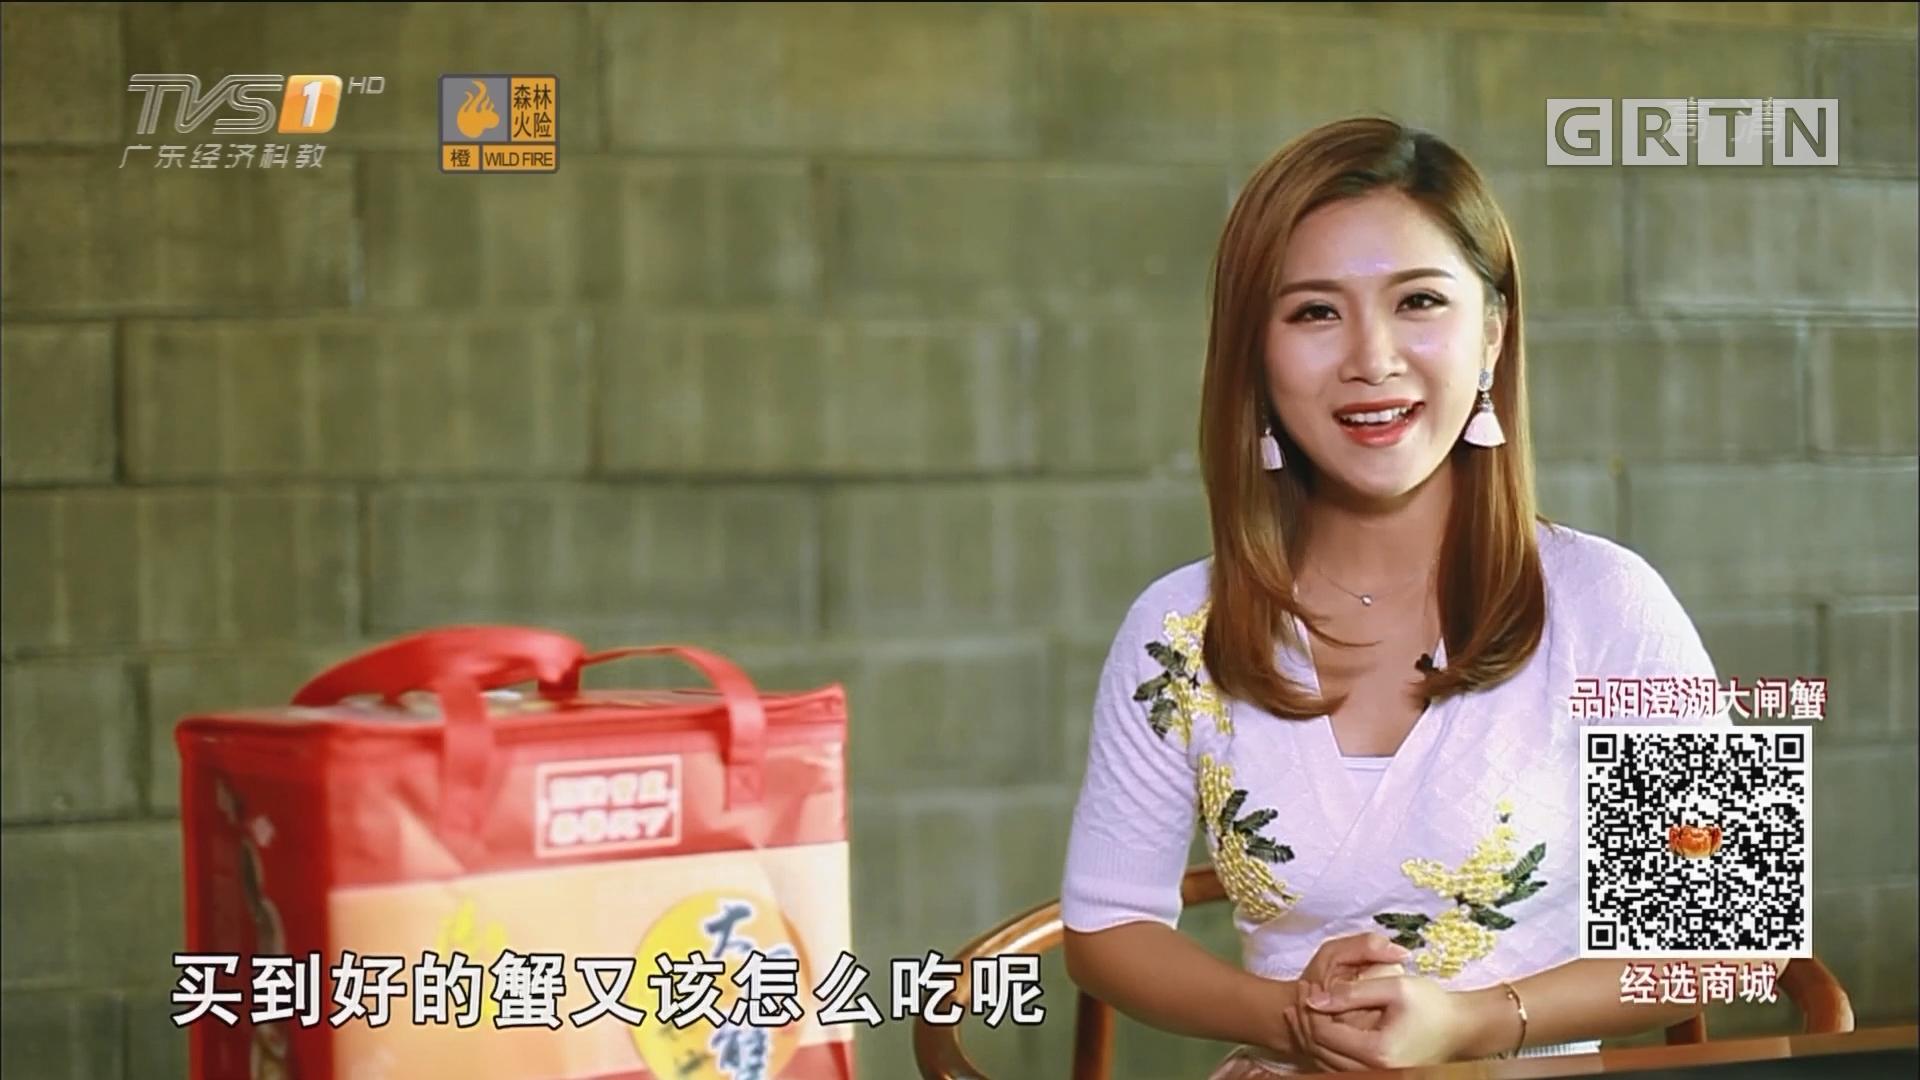 大闸蟹九月最大 美女主播细品阳澄湖大闸蟹(上)